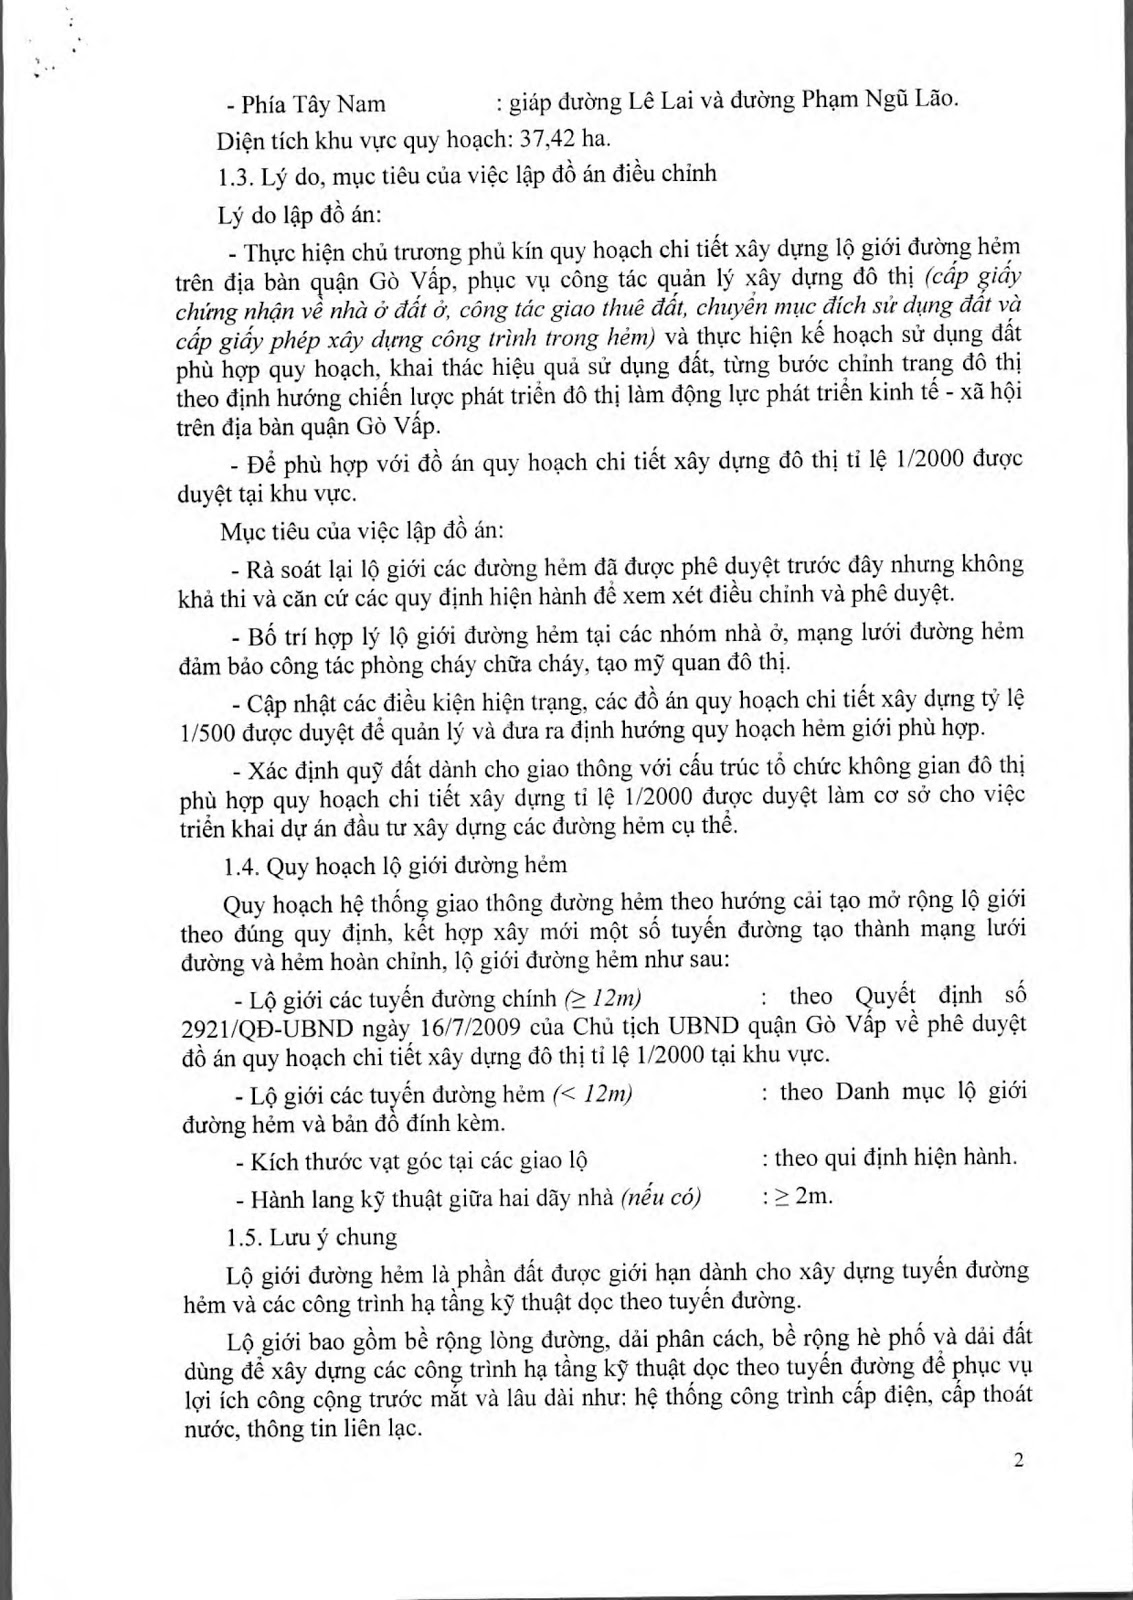 Quyết Định Số 5774/QĐ-UBND Đề Án Lộ Giới Đường Hẻm Tỉ Lệ 1/500 Phường 4 Quận Gò Vấp Tờ 2